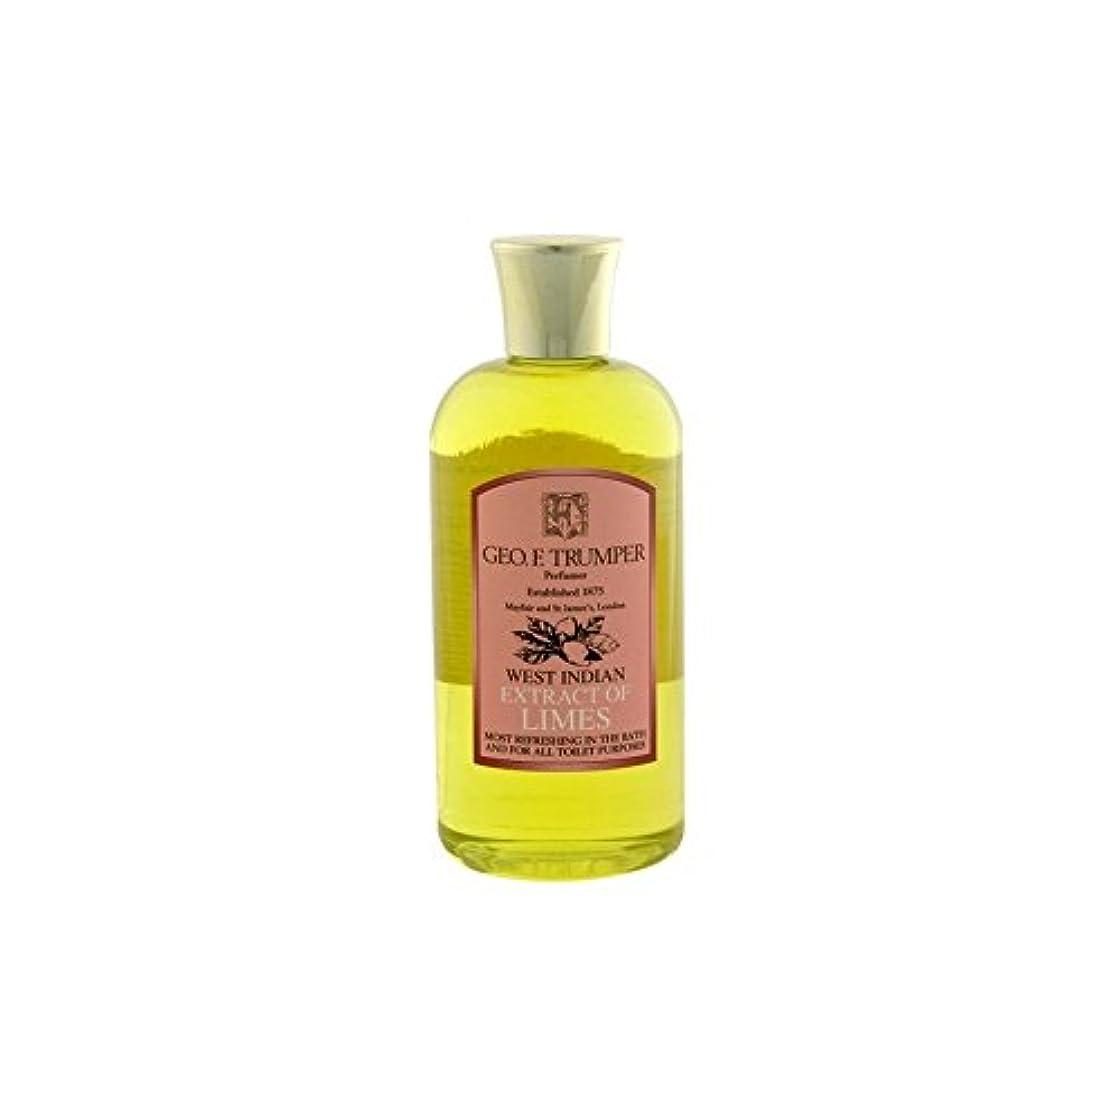 キャリア子孫発疹ライムのバス&シャワージェル - 500ミリリットル旅 x4 - Trumpers Limes Bath & Shower Gel - 500ml Travel (Pack of 4) [並行輸入品]